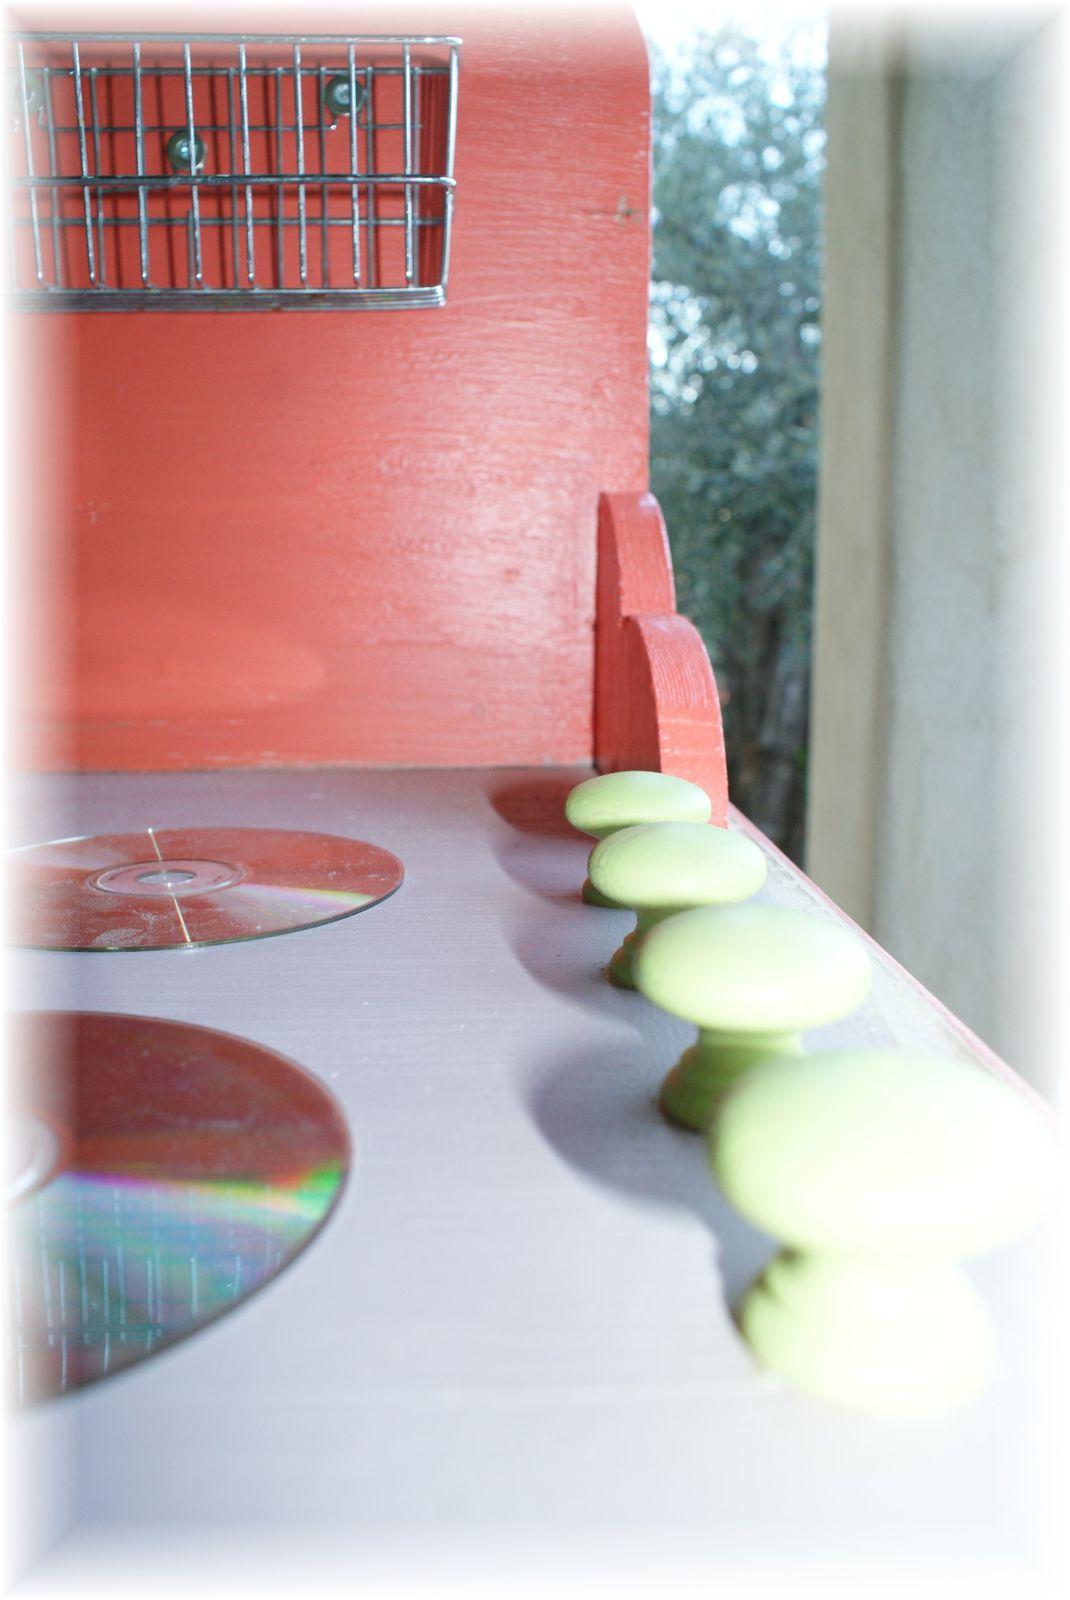 Diy cuisine pour mes cuistos les broutilles de nanou Bouton sur plaque porte meuble cuisine